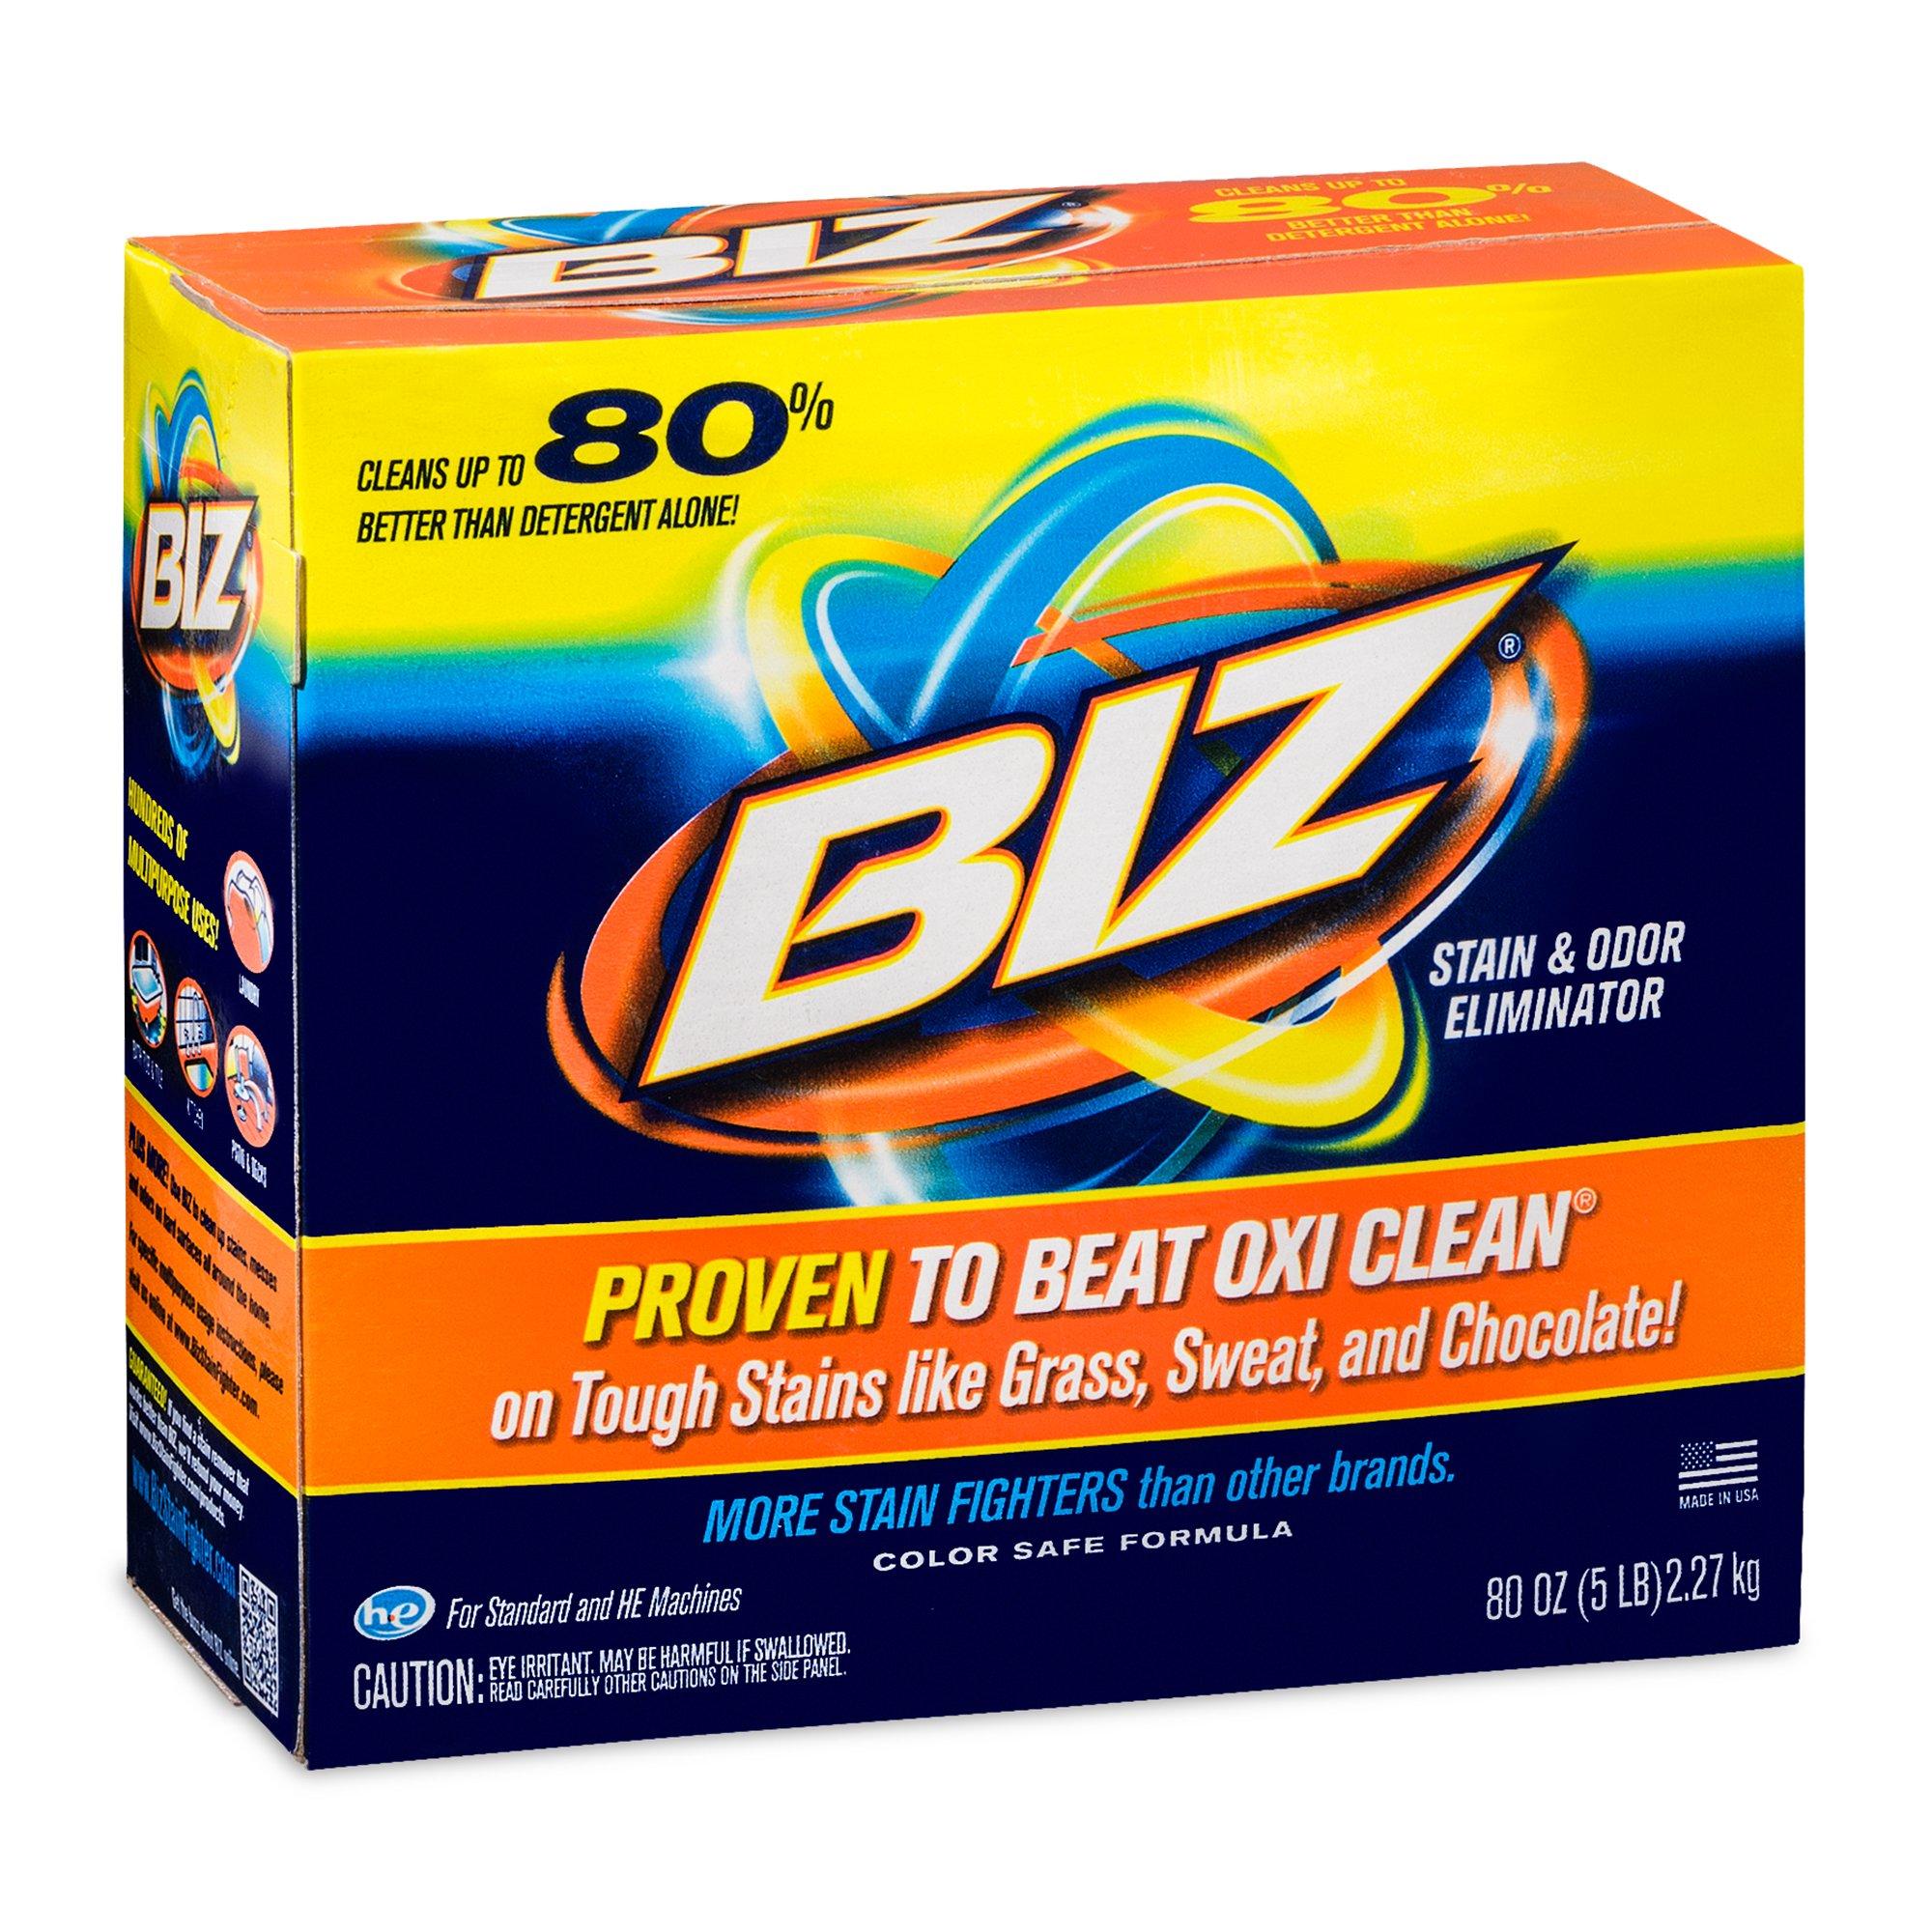 BIZ Stain & Odor Eliminator (5 lb Boxes)